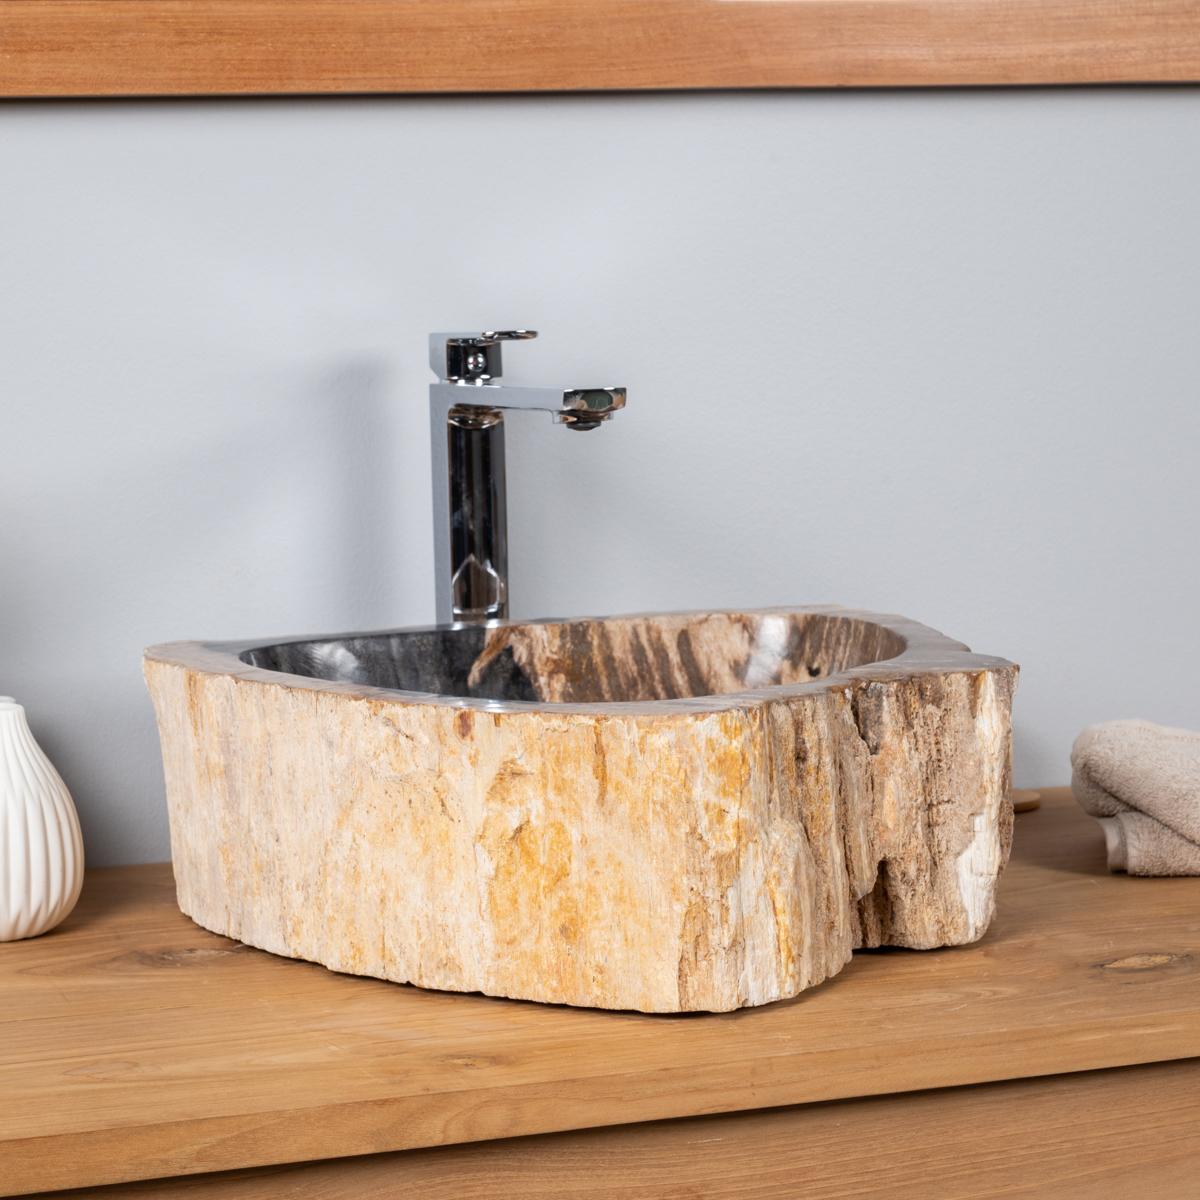 Vasque de salle de bain en bois p trifi fossilis l 60 cm - Vasque salle de bain 60 cm ...